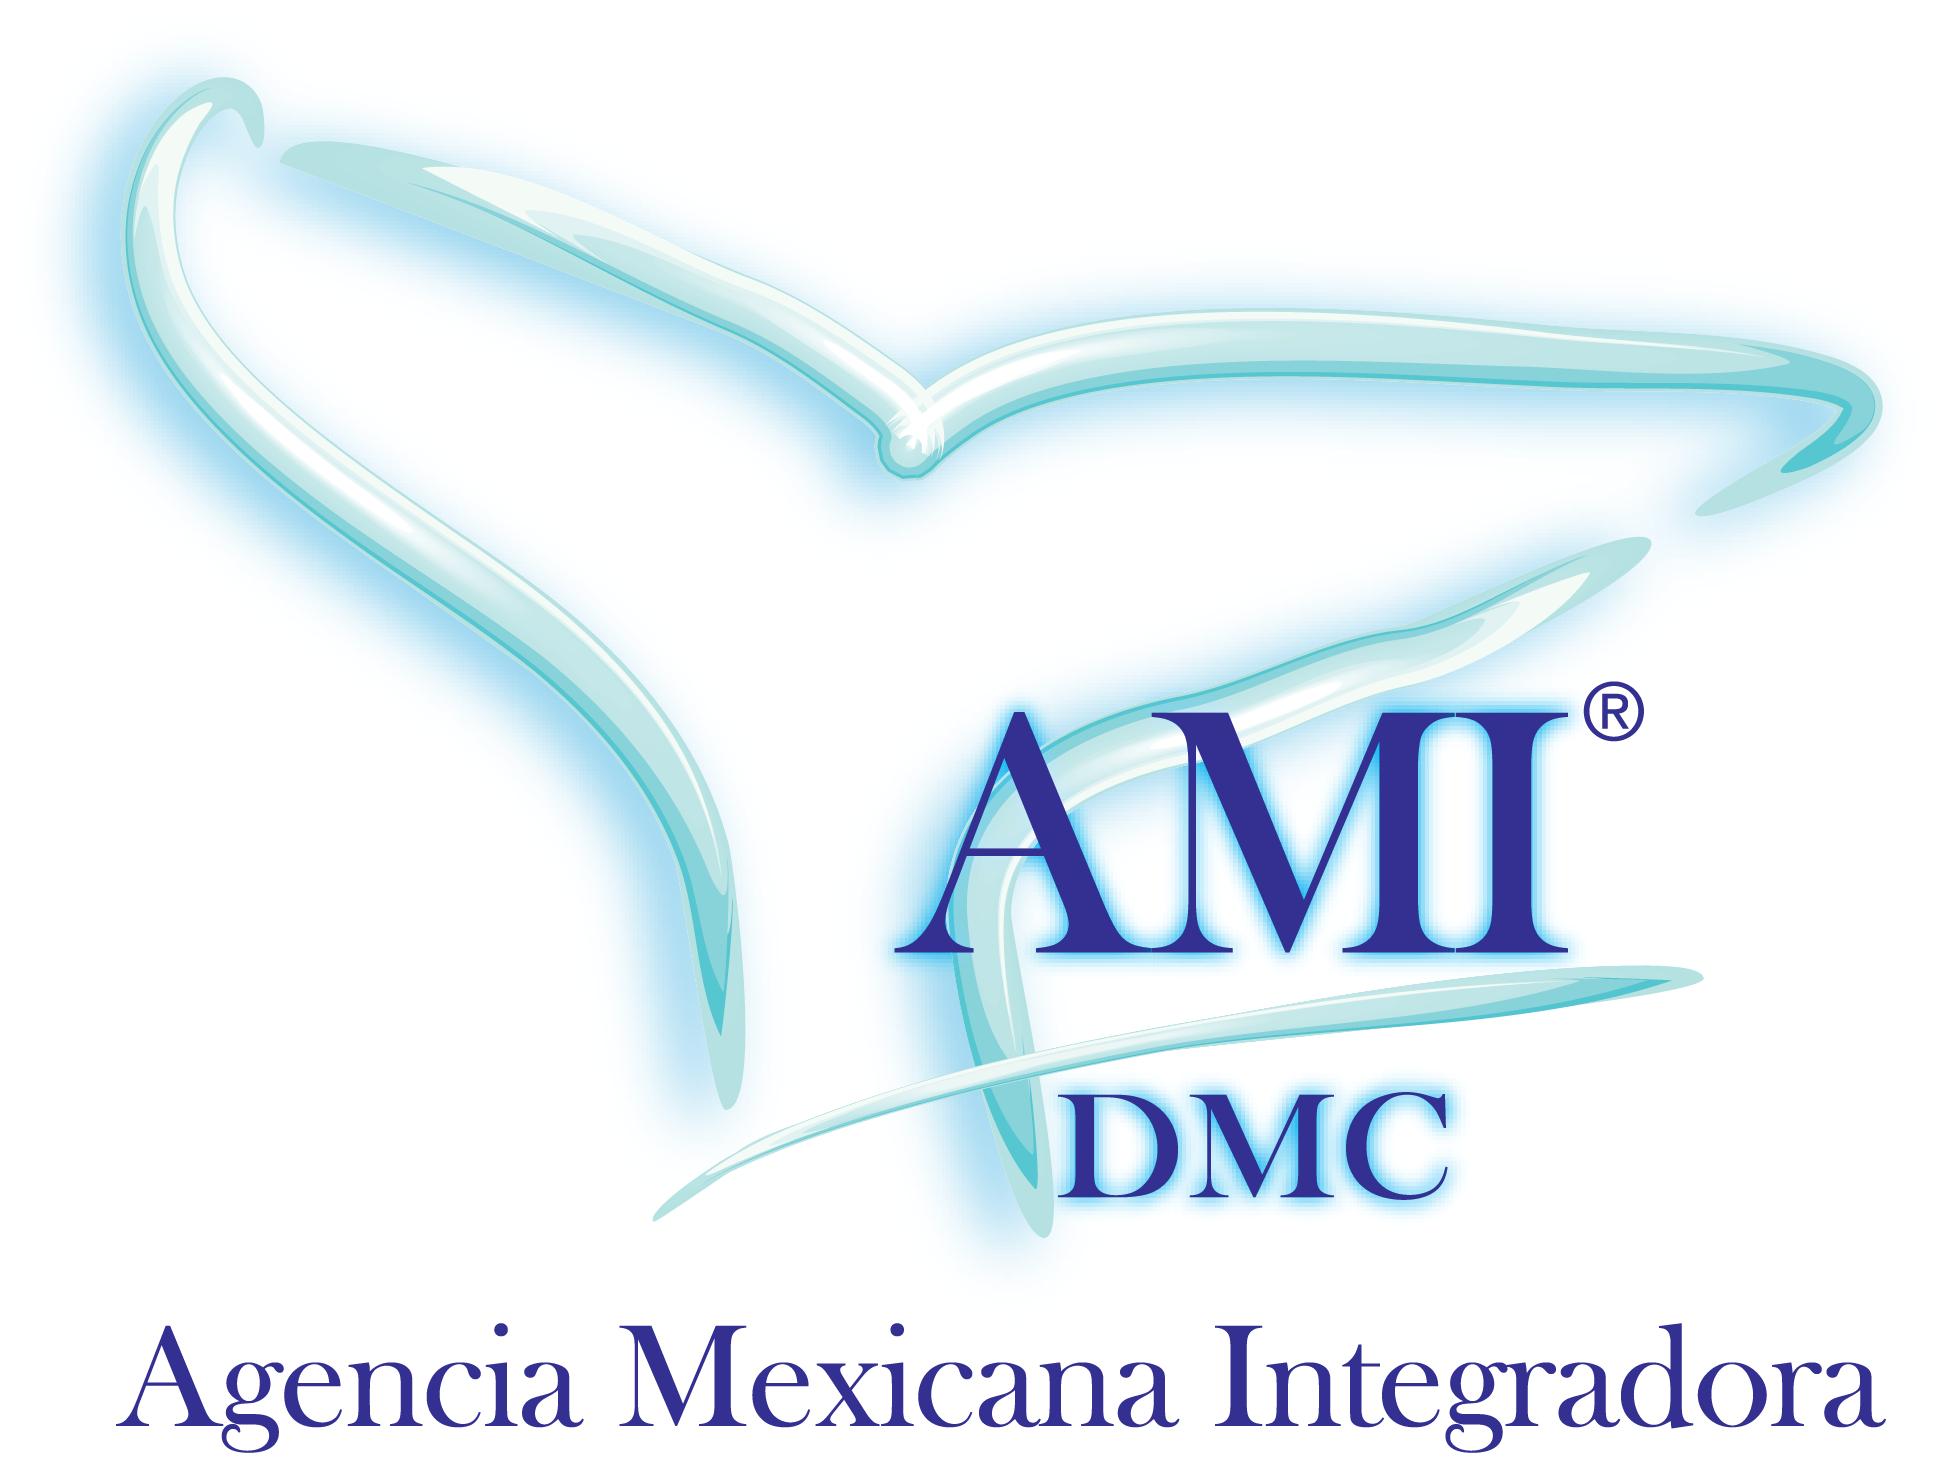 AM&I LOS CABOS D.M.C.